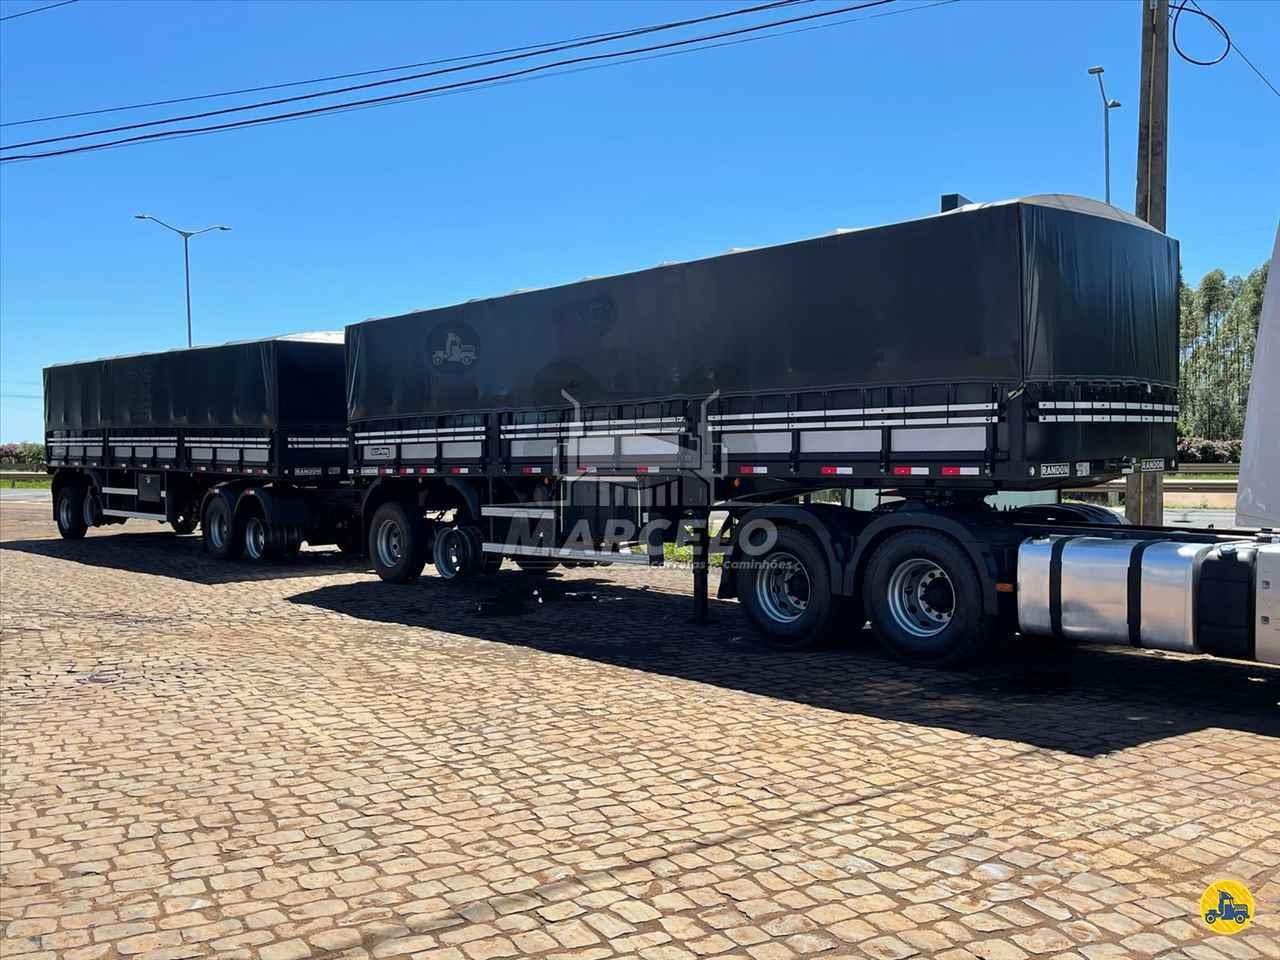 CARRETA RODOTREM GRANELEIRO Marcelo Carretas e Caminhões PIRAPOZINHO SÃO PAULO SP